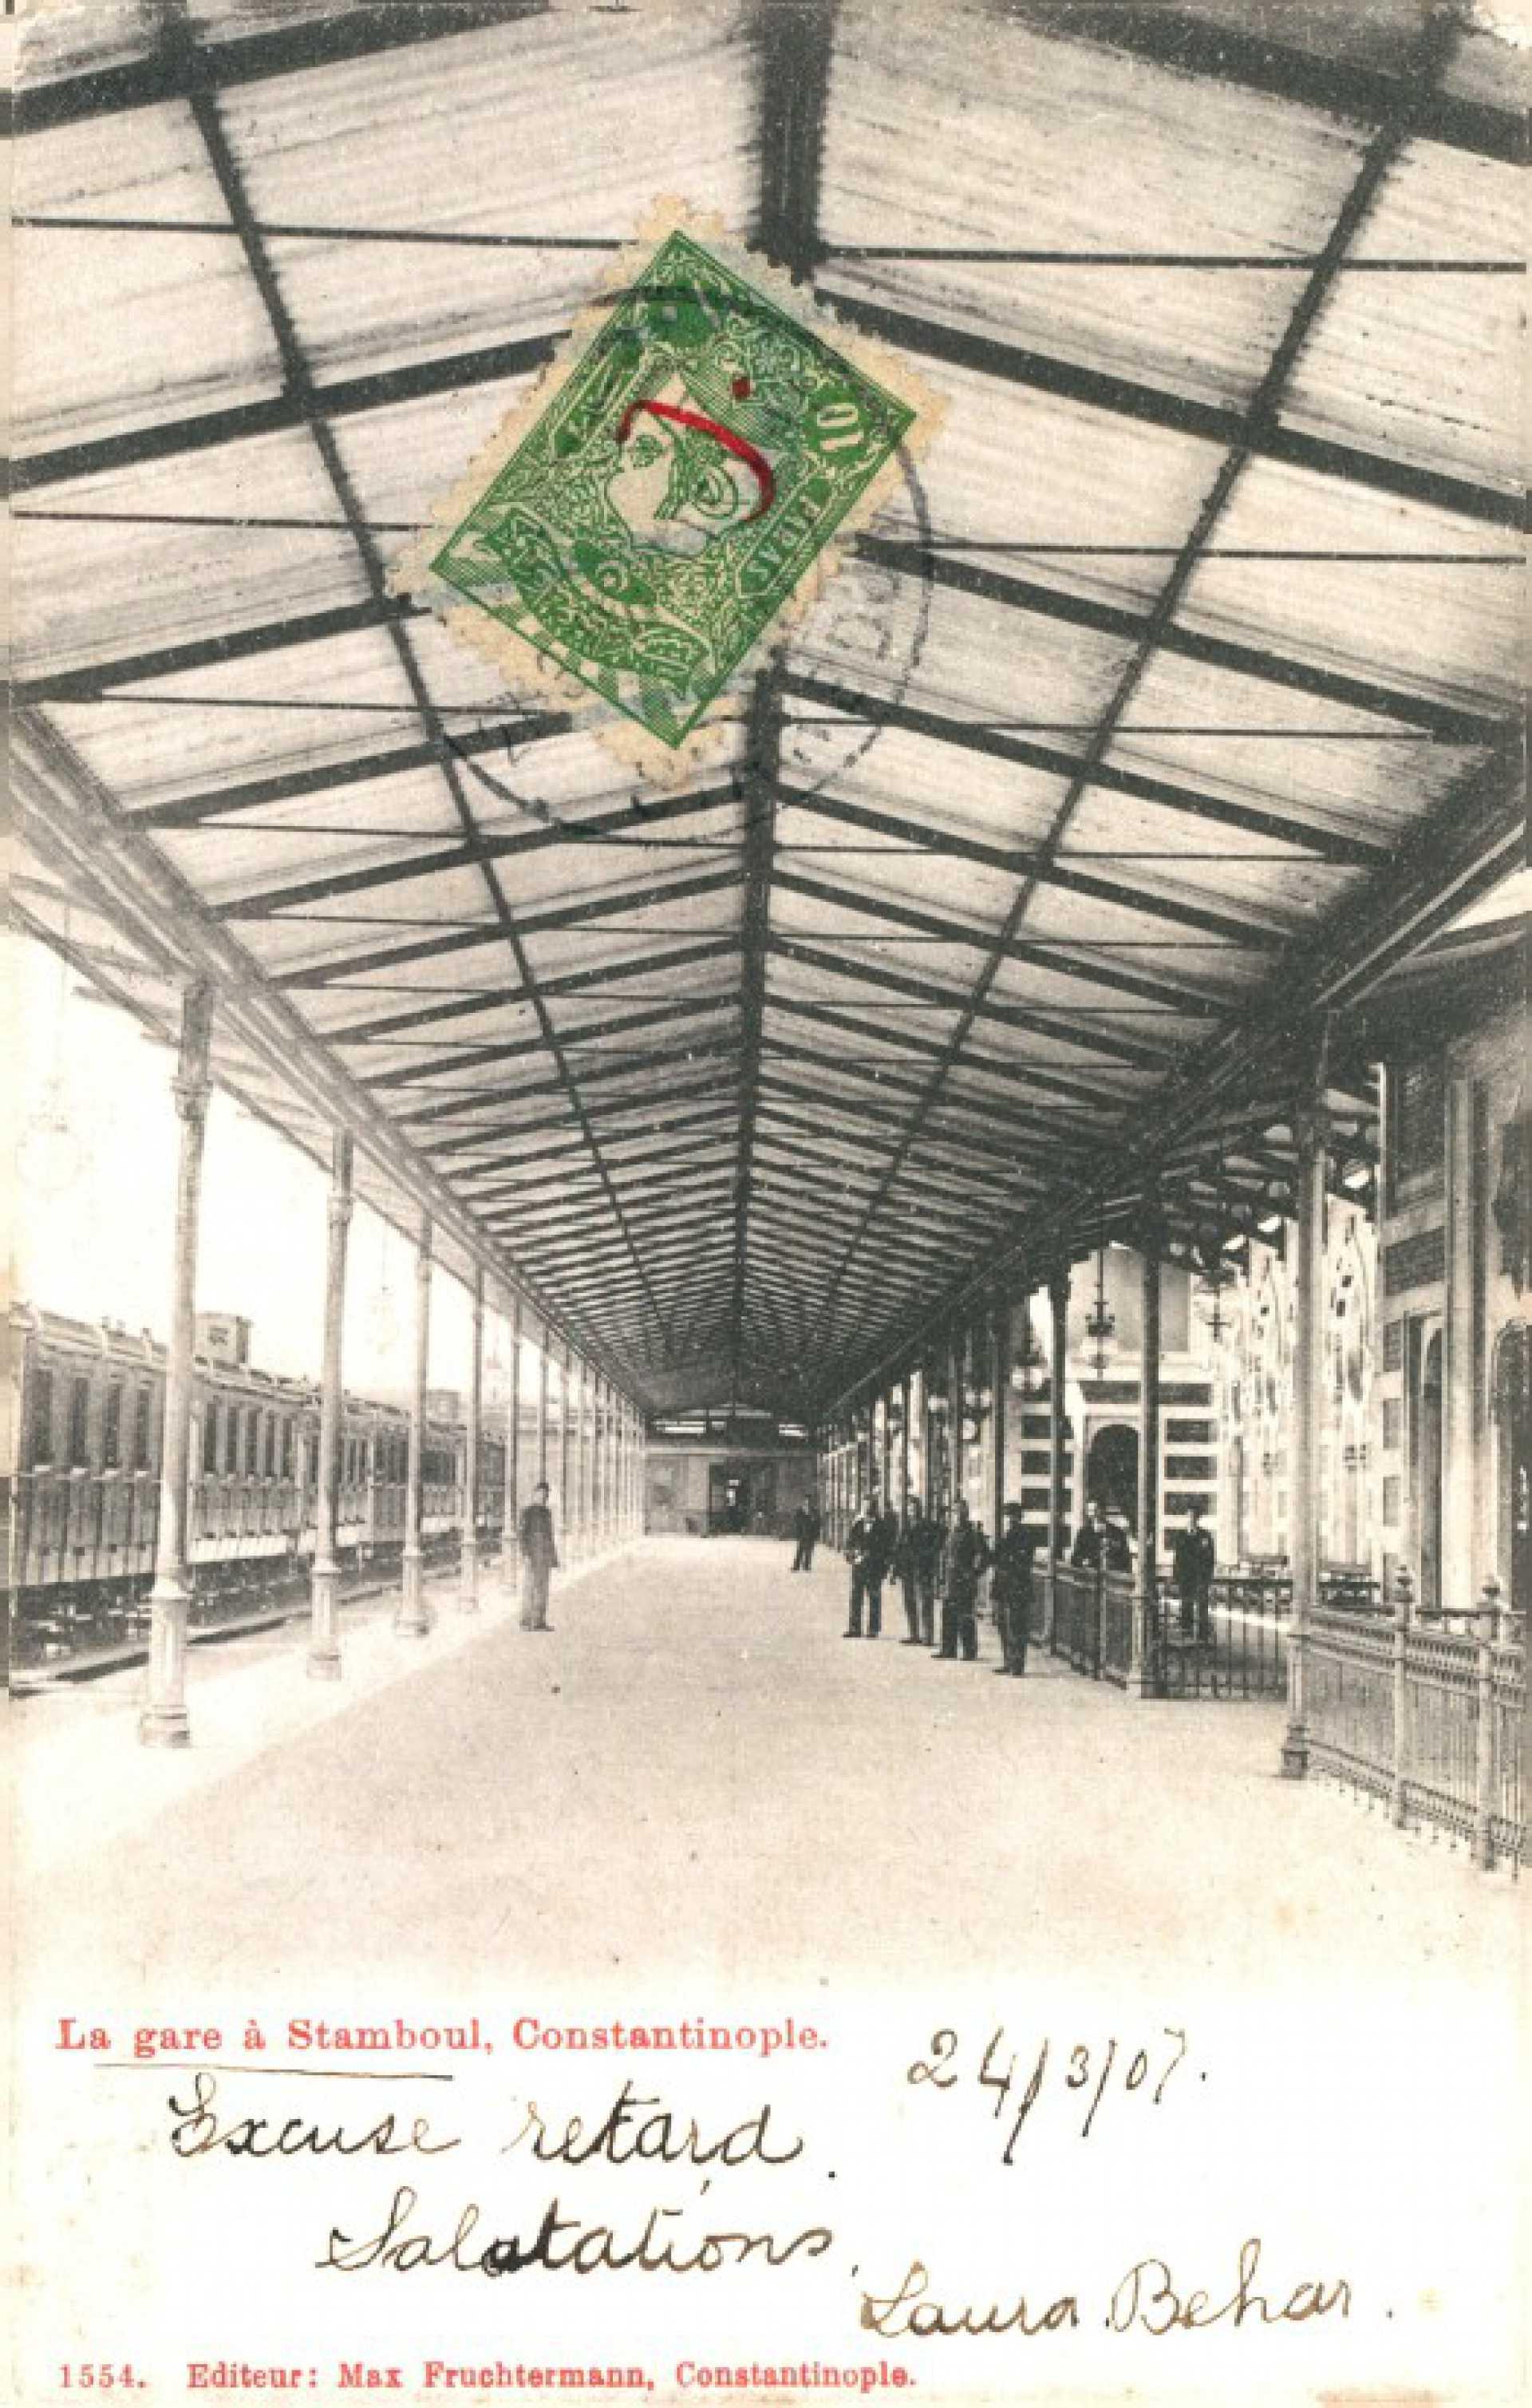 La gare a Stamboul